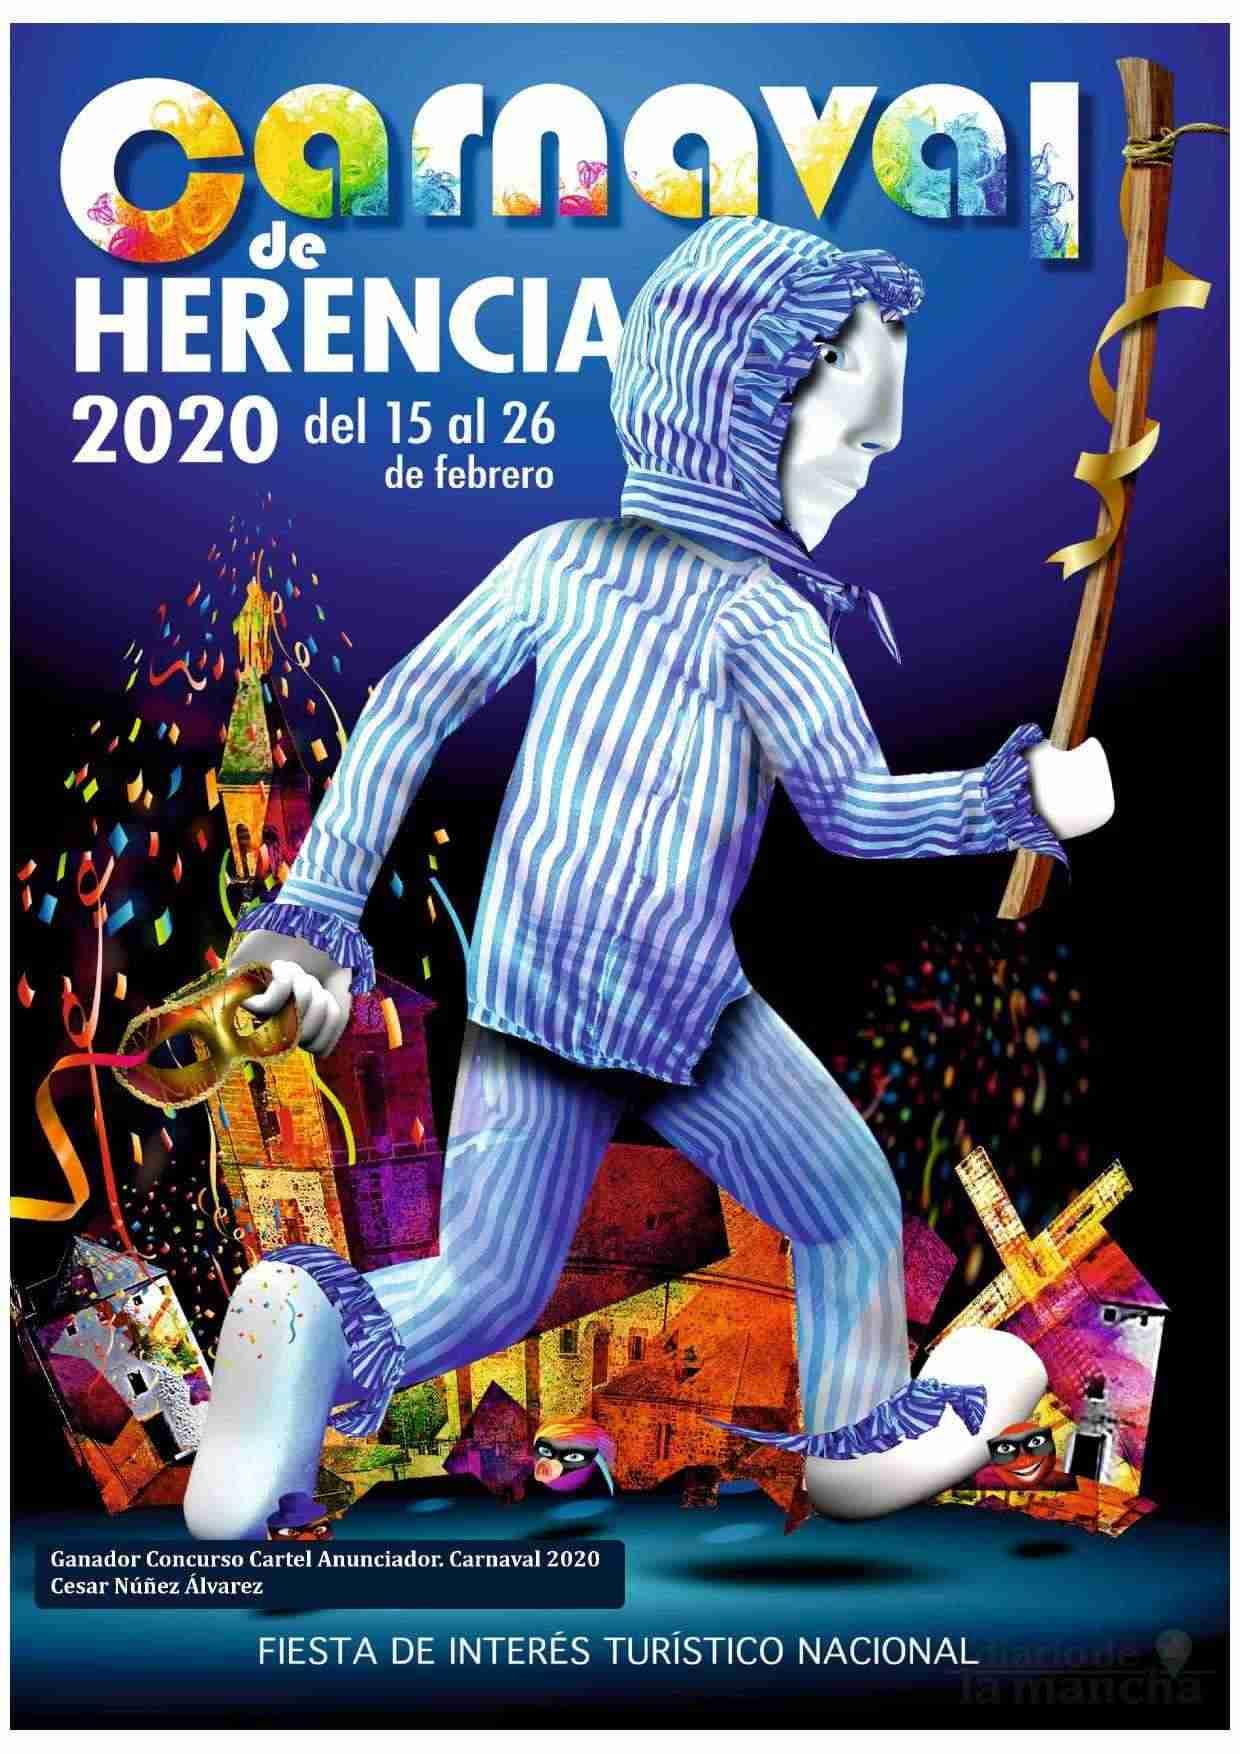 El Carnaval de Herencia contará con el actor Salva Reina como pregonero 2